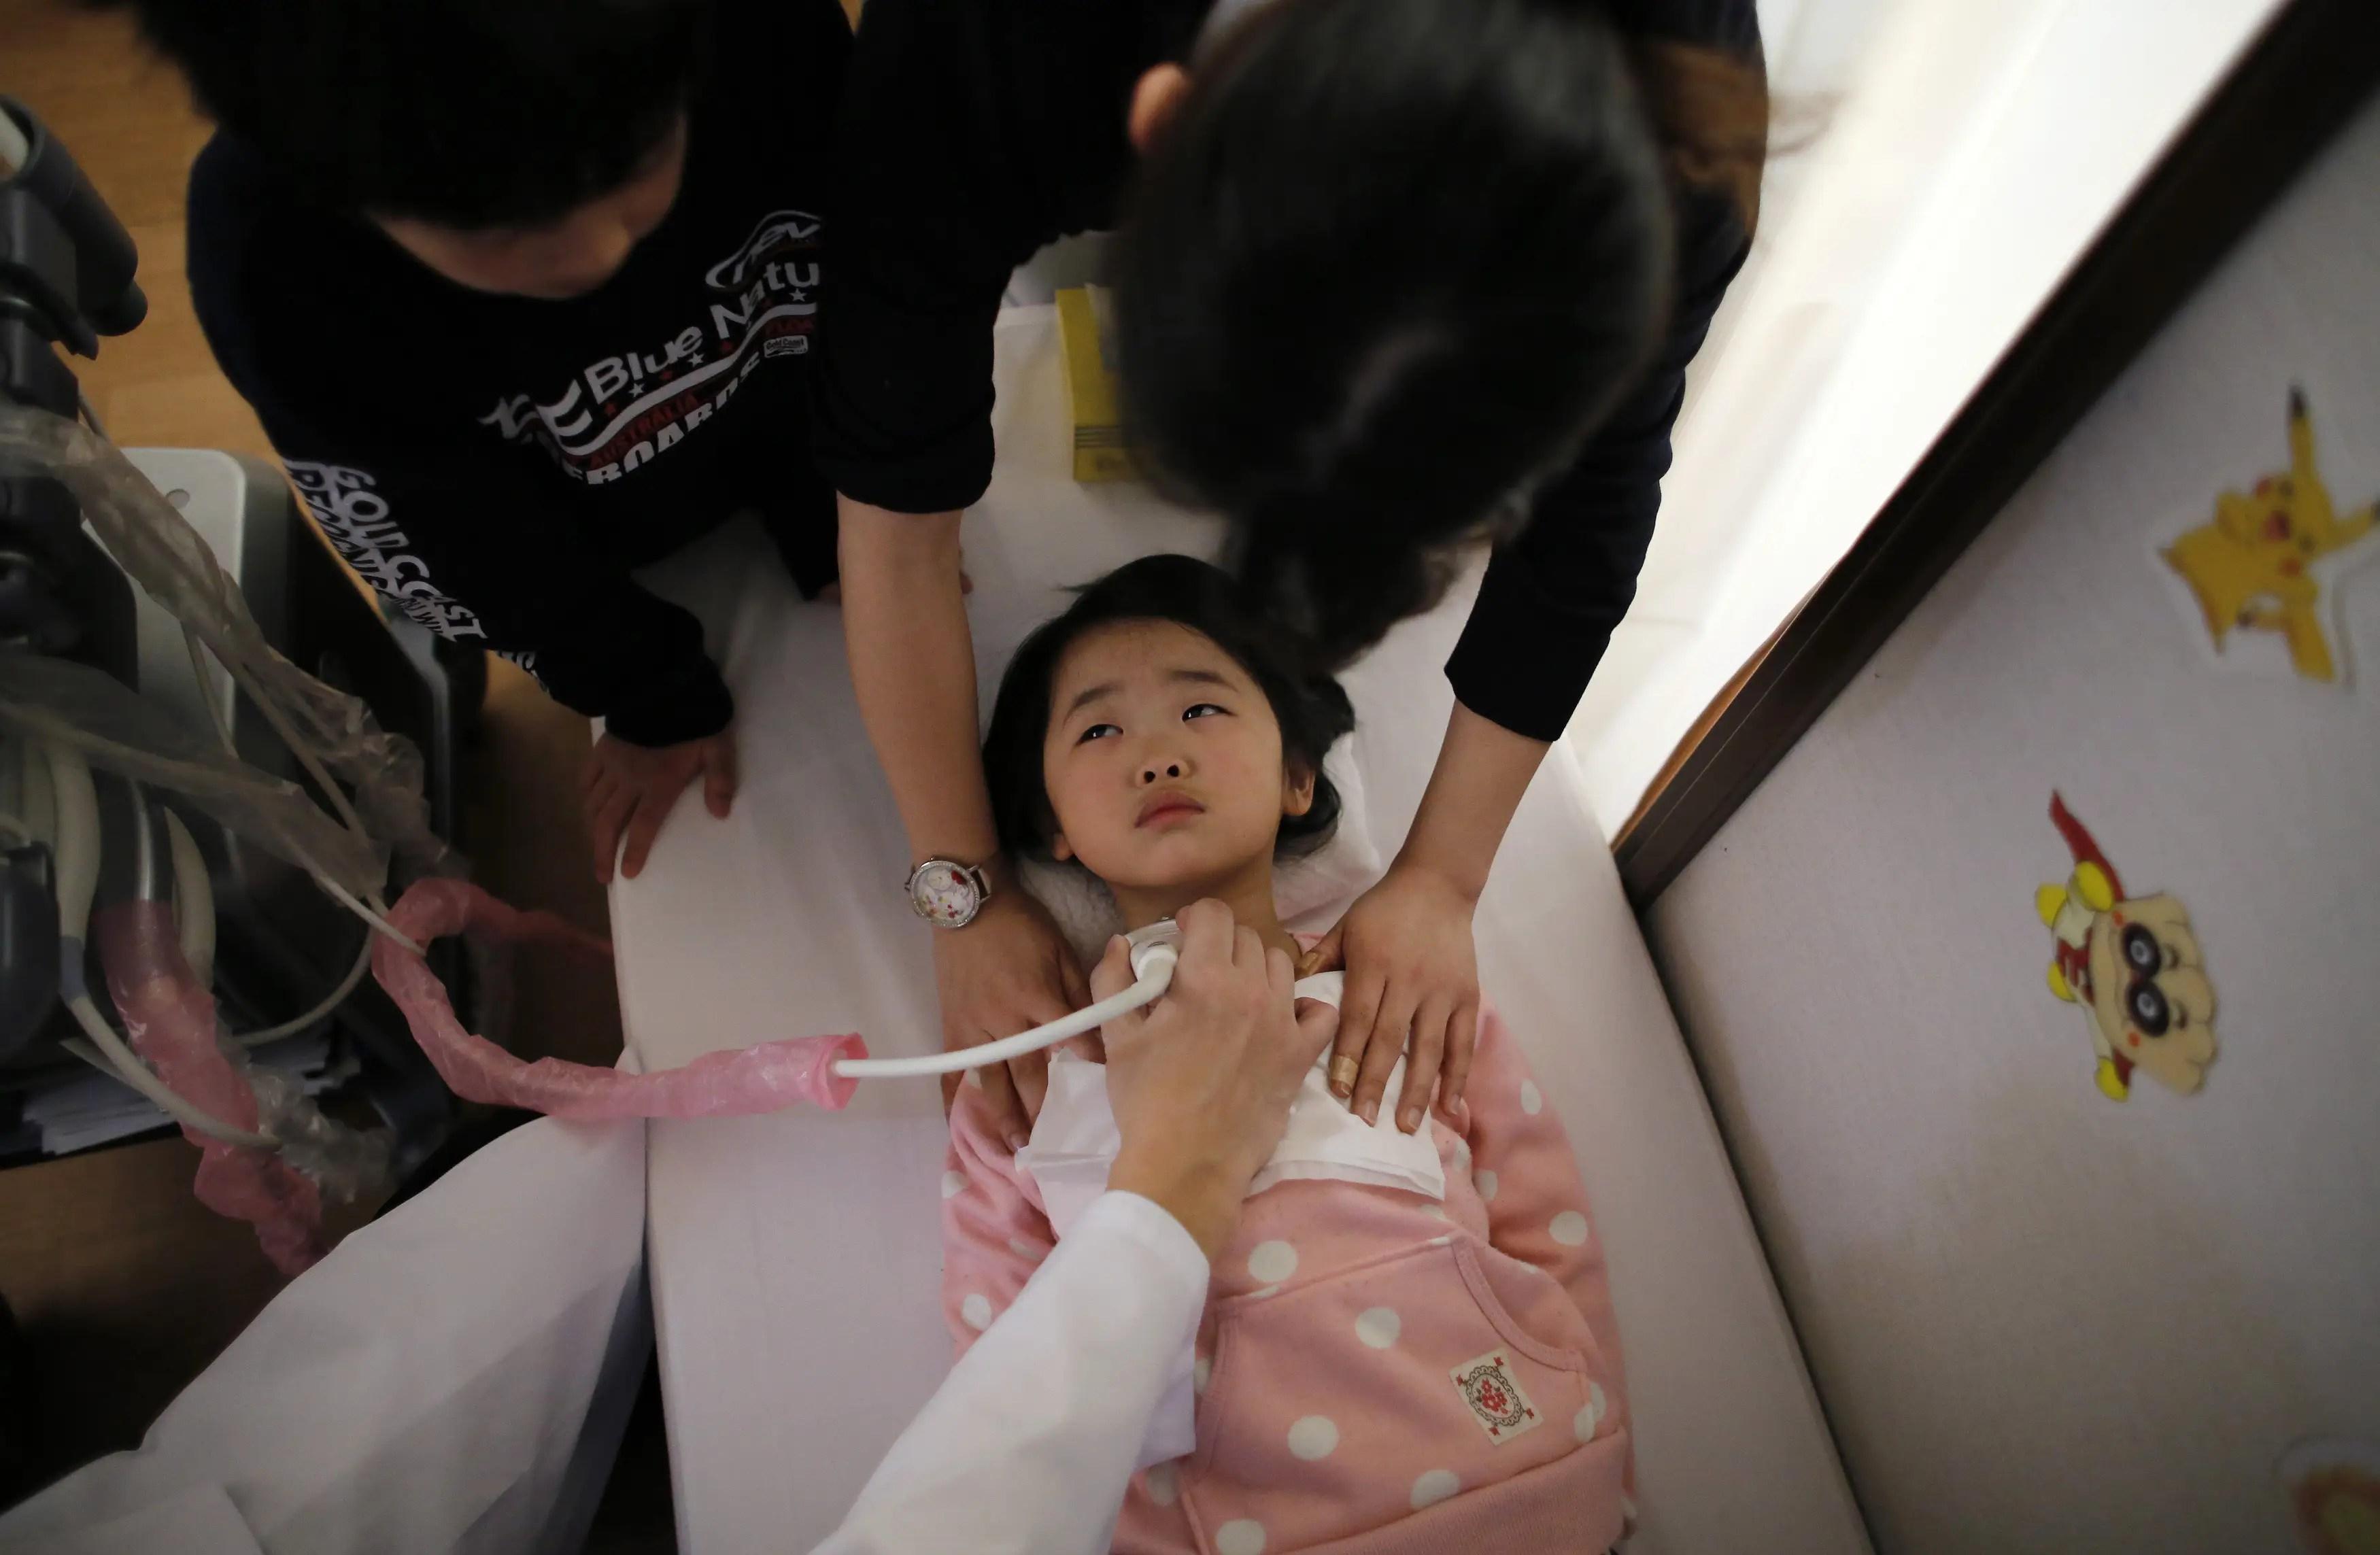 fukushima radiation children